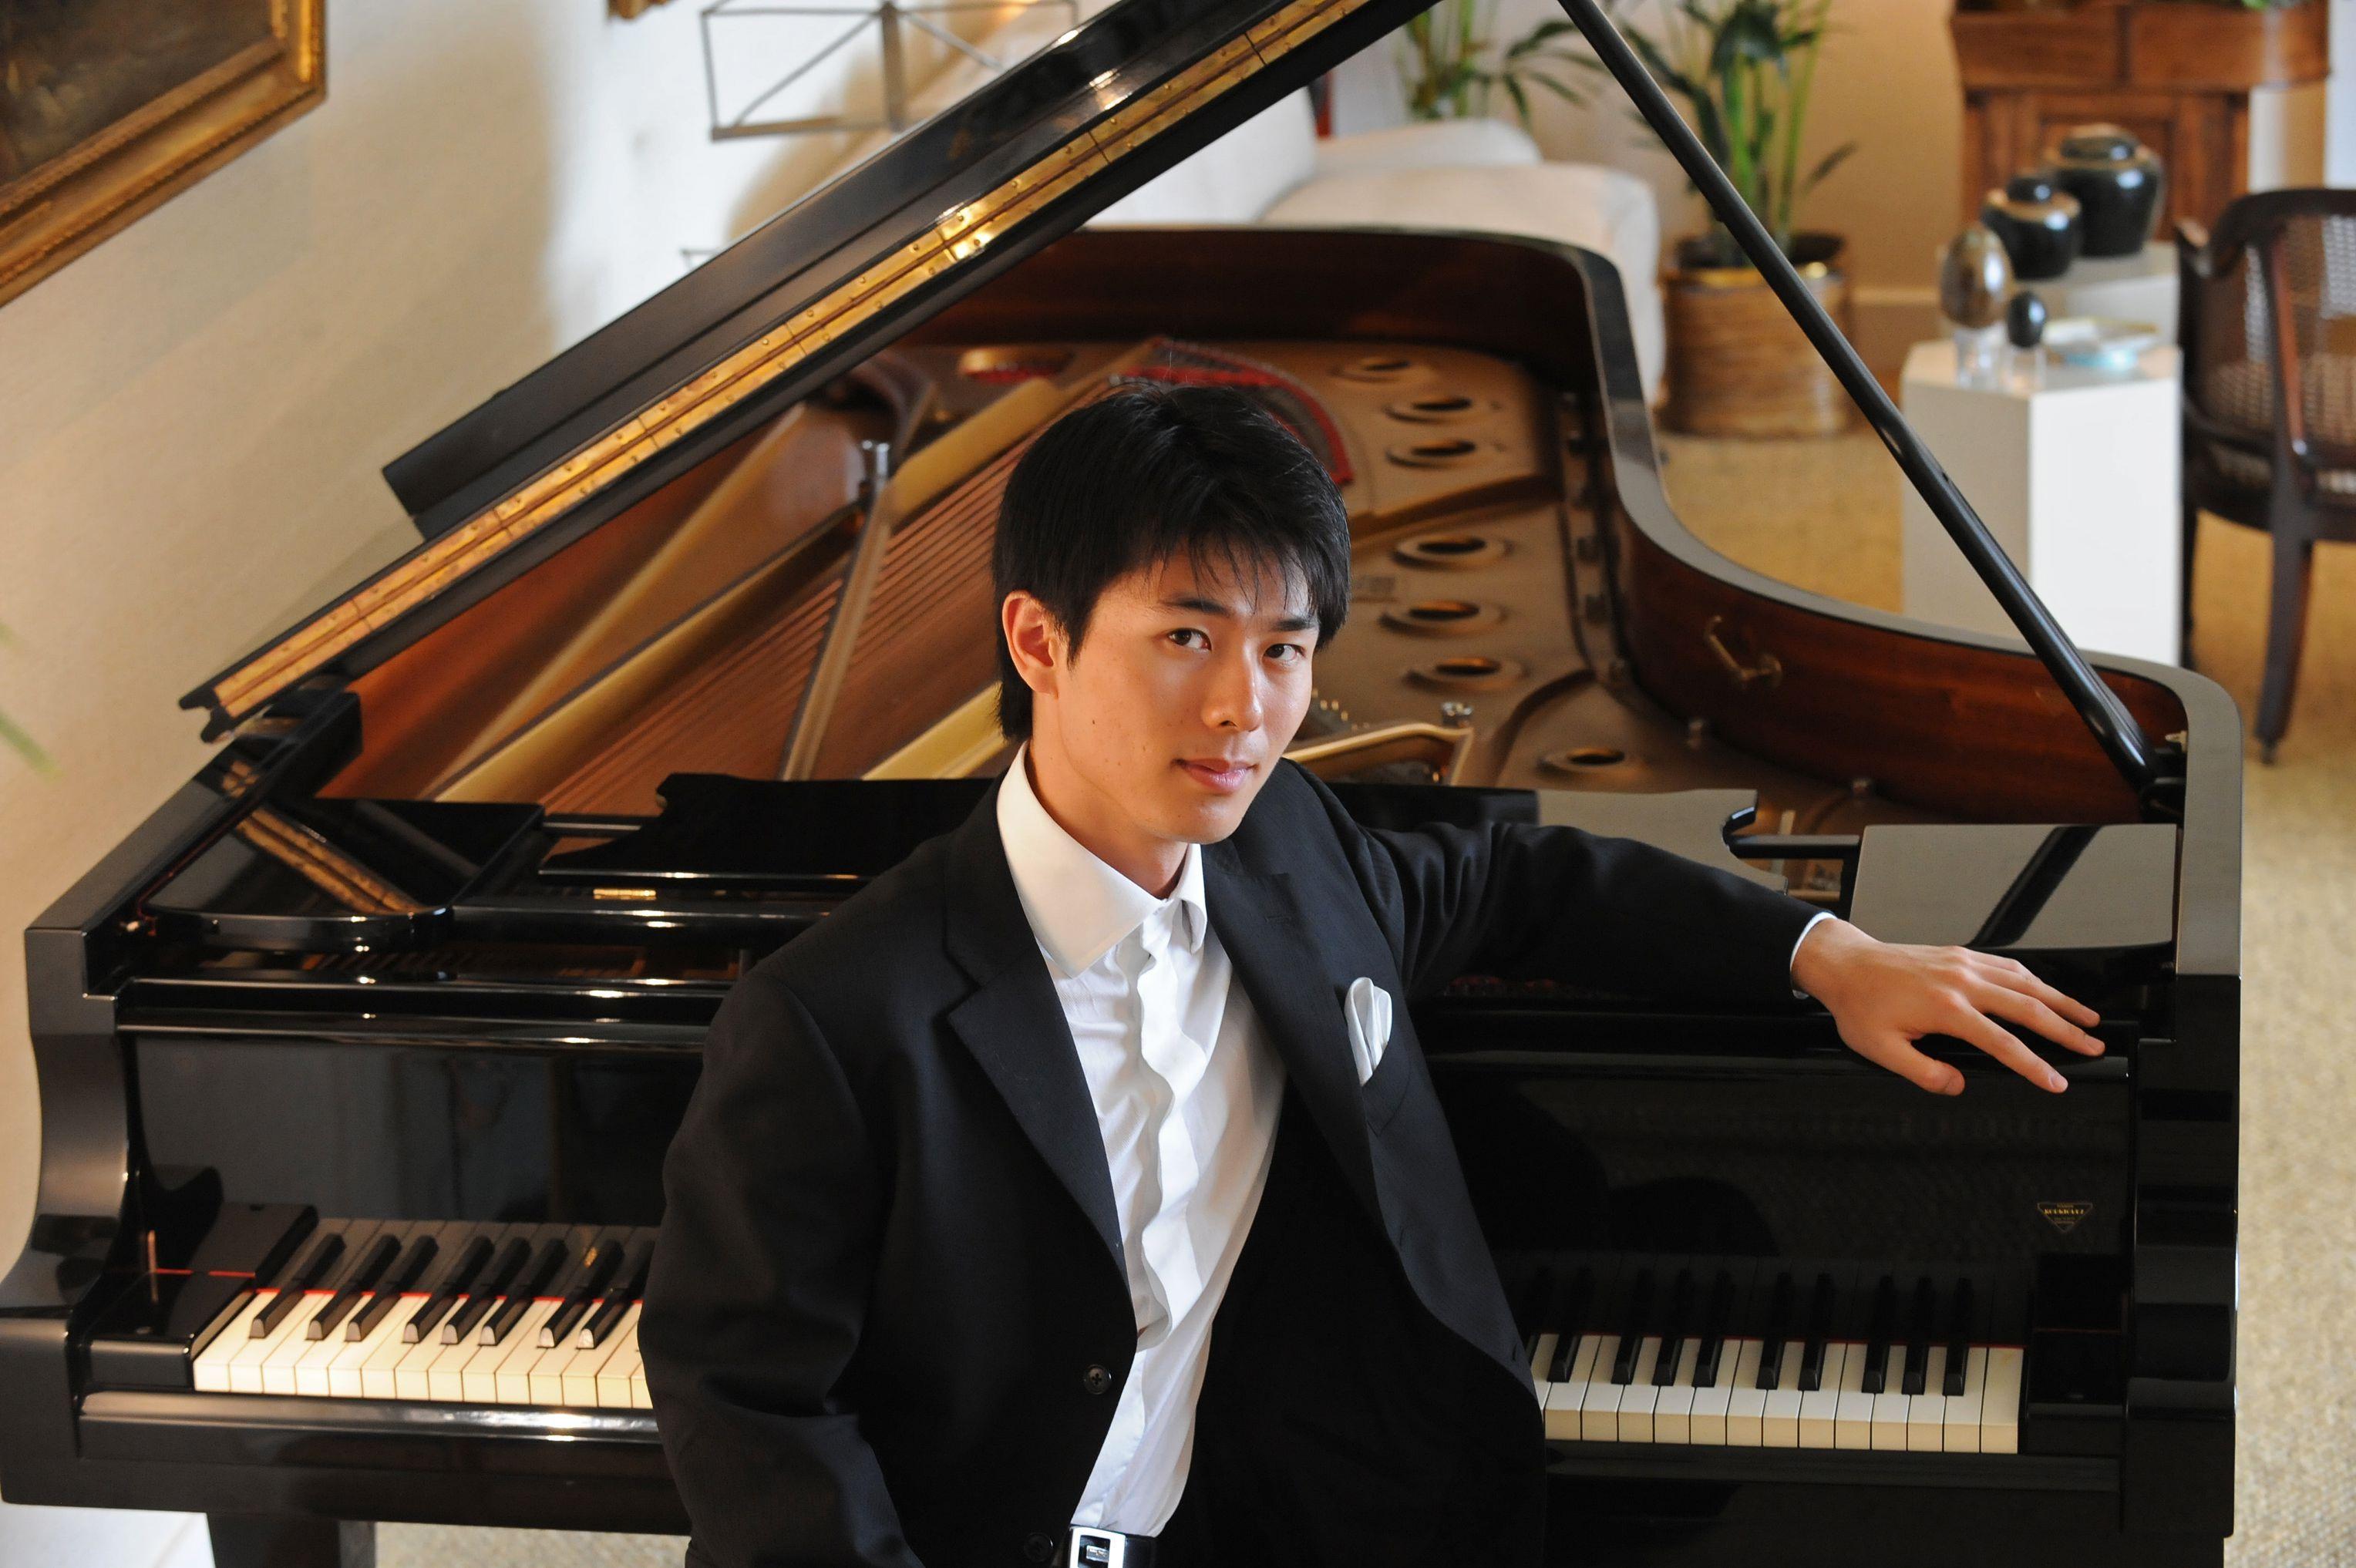 PROGRAMACIÓN DEL TEATRO VERA: El joven pianista Kotaro Fukuma cerrará la temporada internacional #ArribaCorrientes